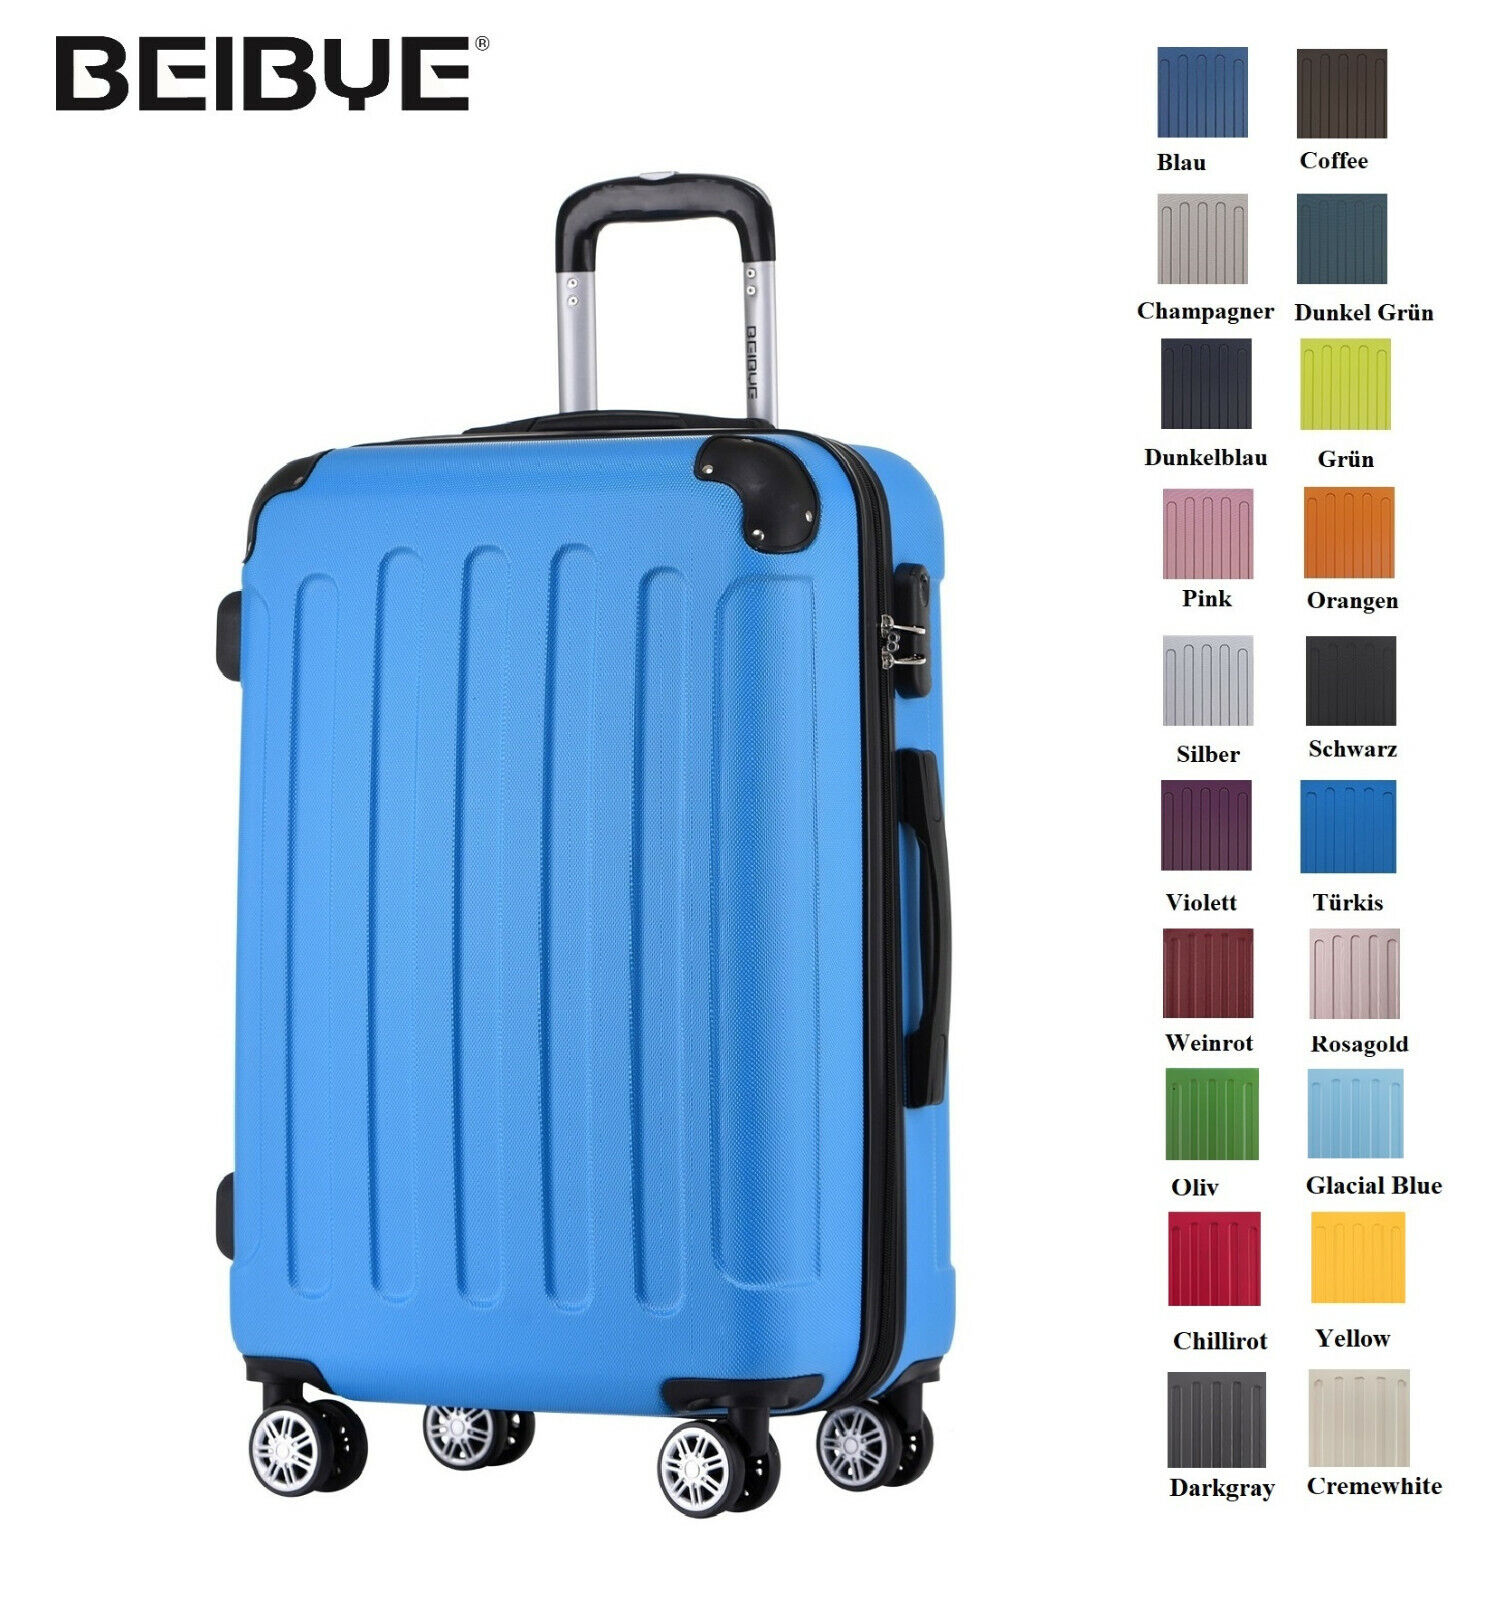 BEIBYE Koffer Hartschalen Trolley Kofferset Reisekoffer  M-L-XL-Set in 20 FarbenSicherheit+Stabilität+Tragekomfort+extra leicht+Farben